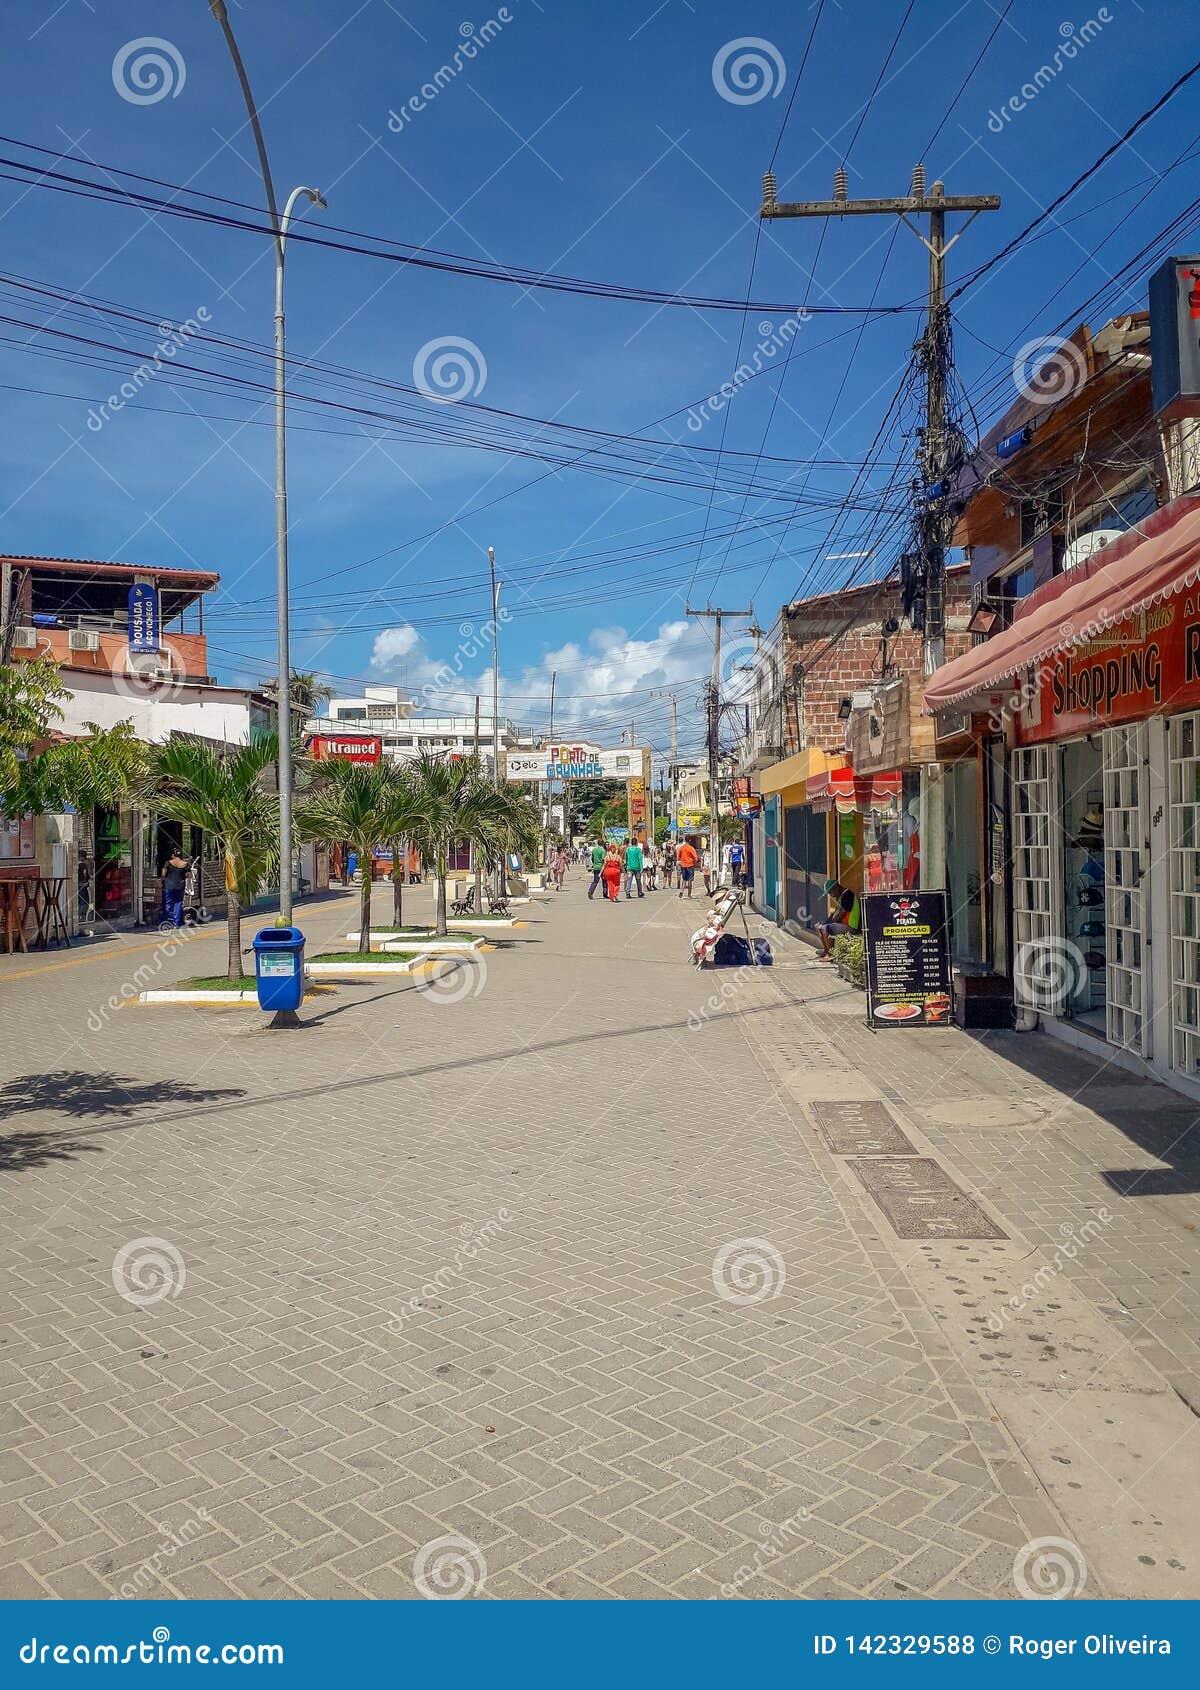 Порту Galinhas, Pernambuco, Бразилия, 16,2019 -го март: Люди на солнечный день на пляже Порту Galinhas, людей наслаждаясь солнцем